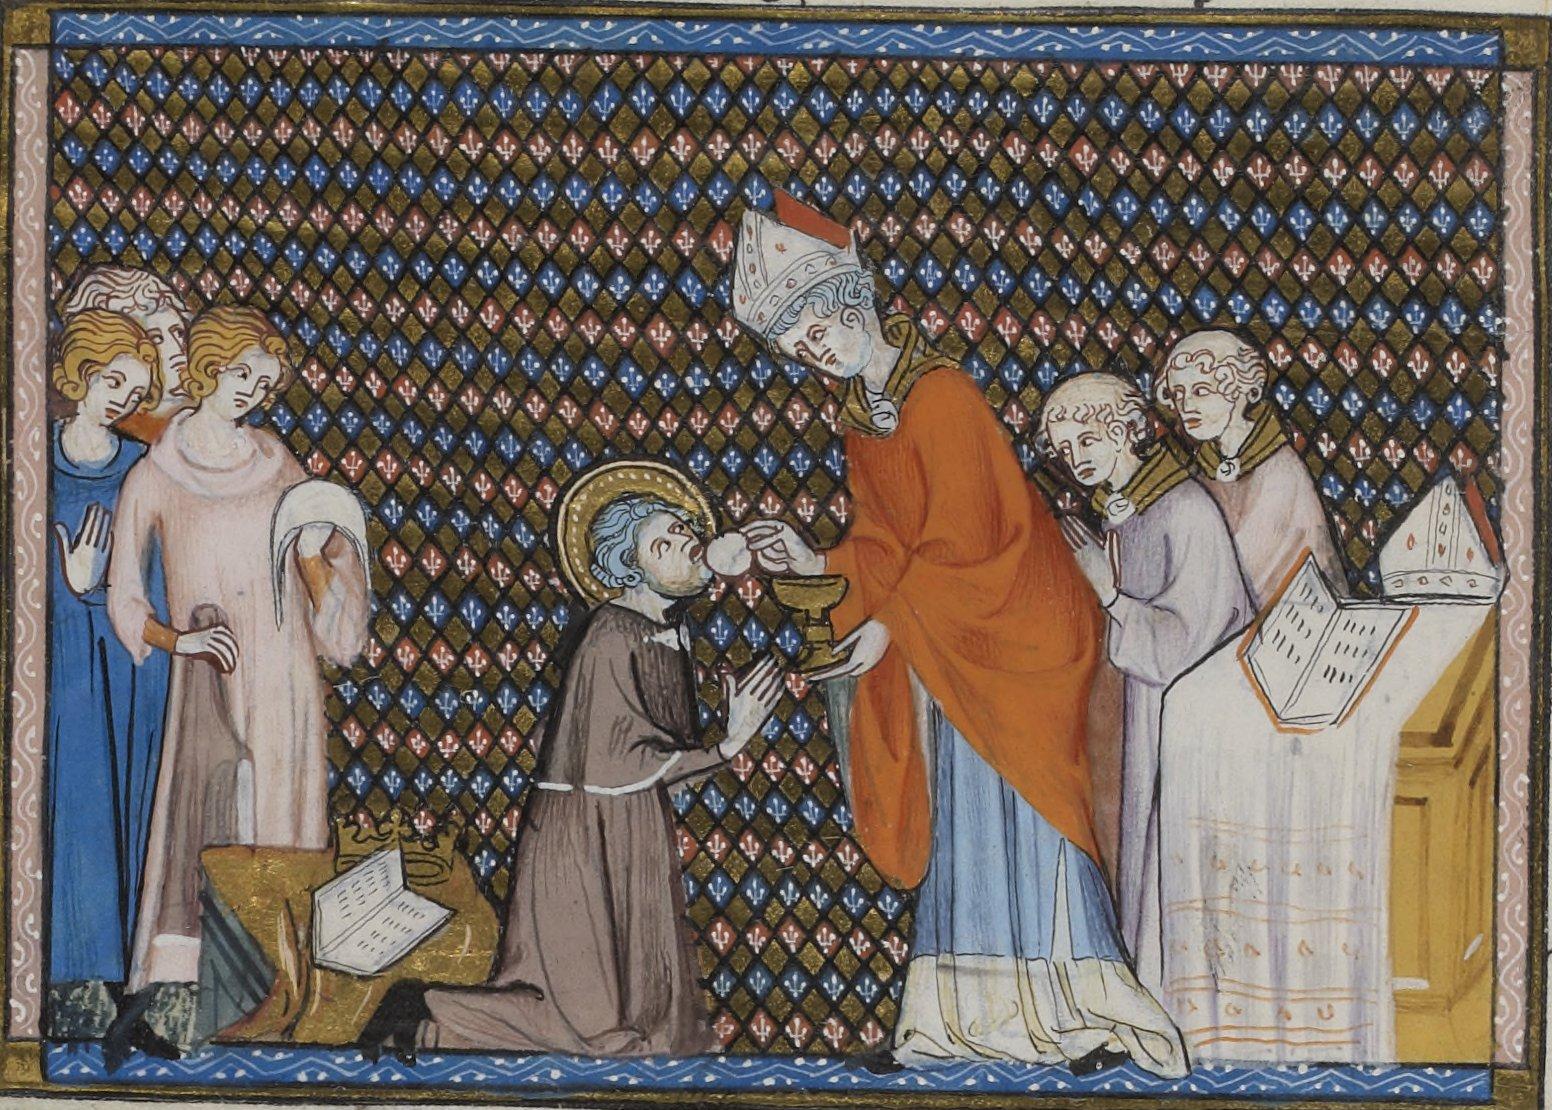 SAINT LOUIS IX